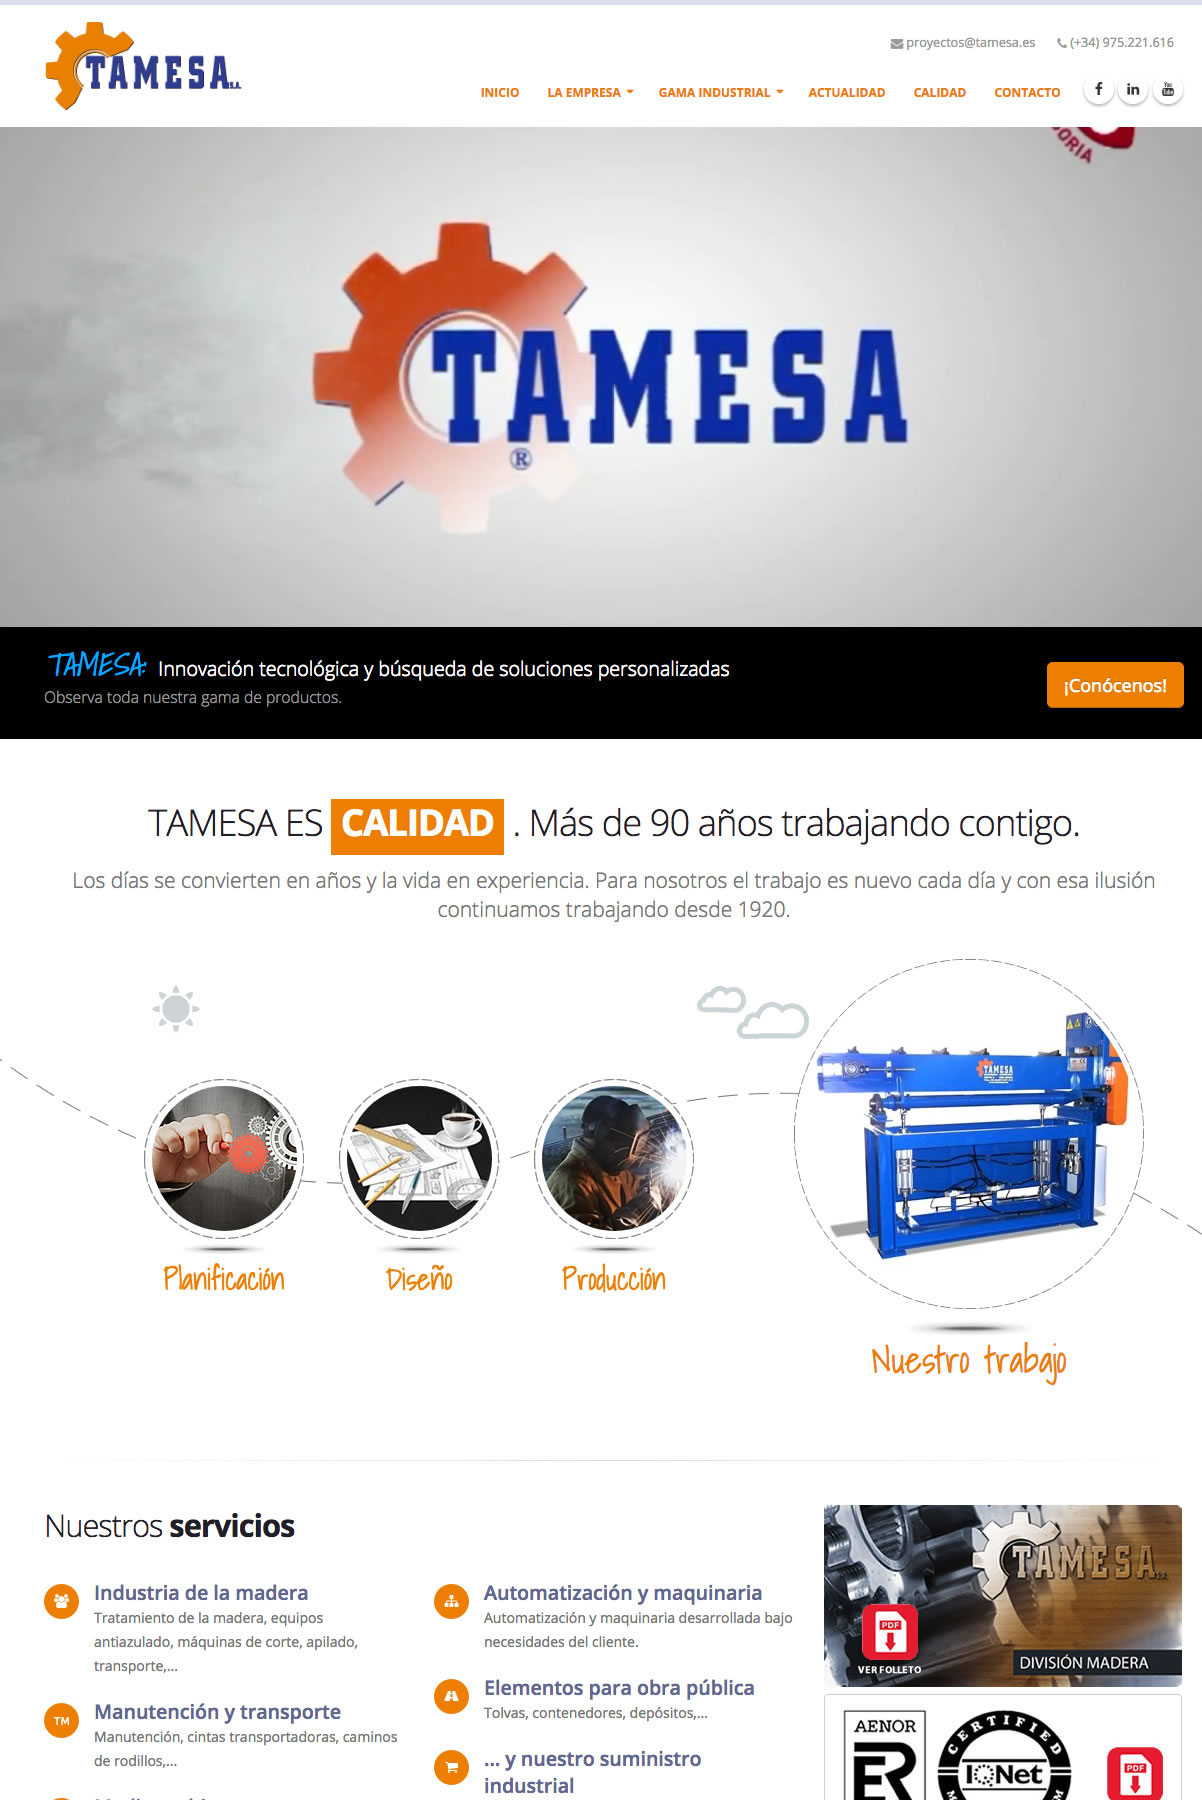 TAMESA S.A.